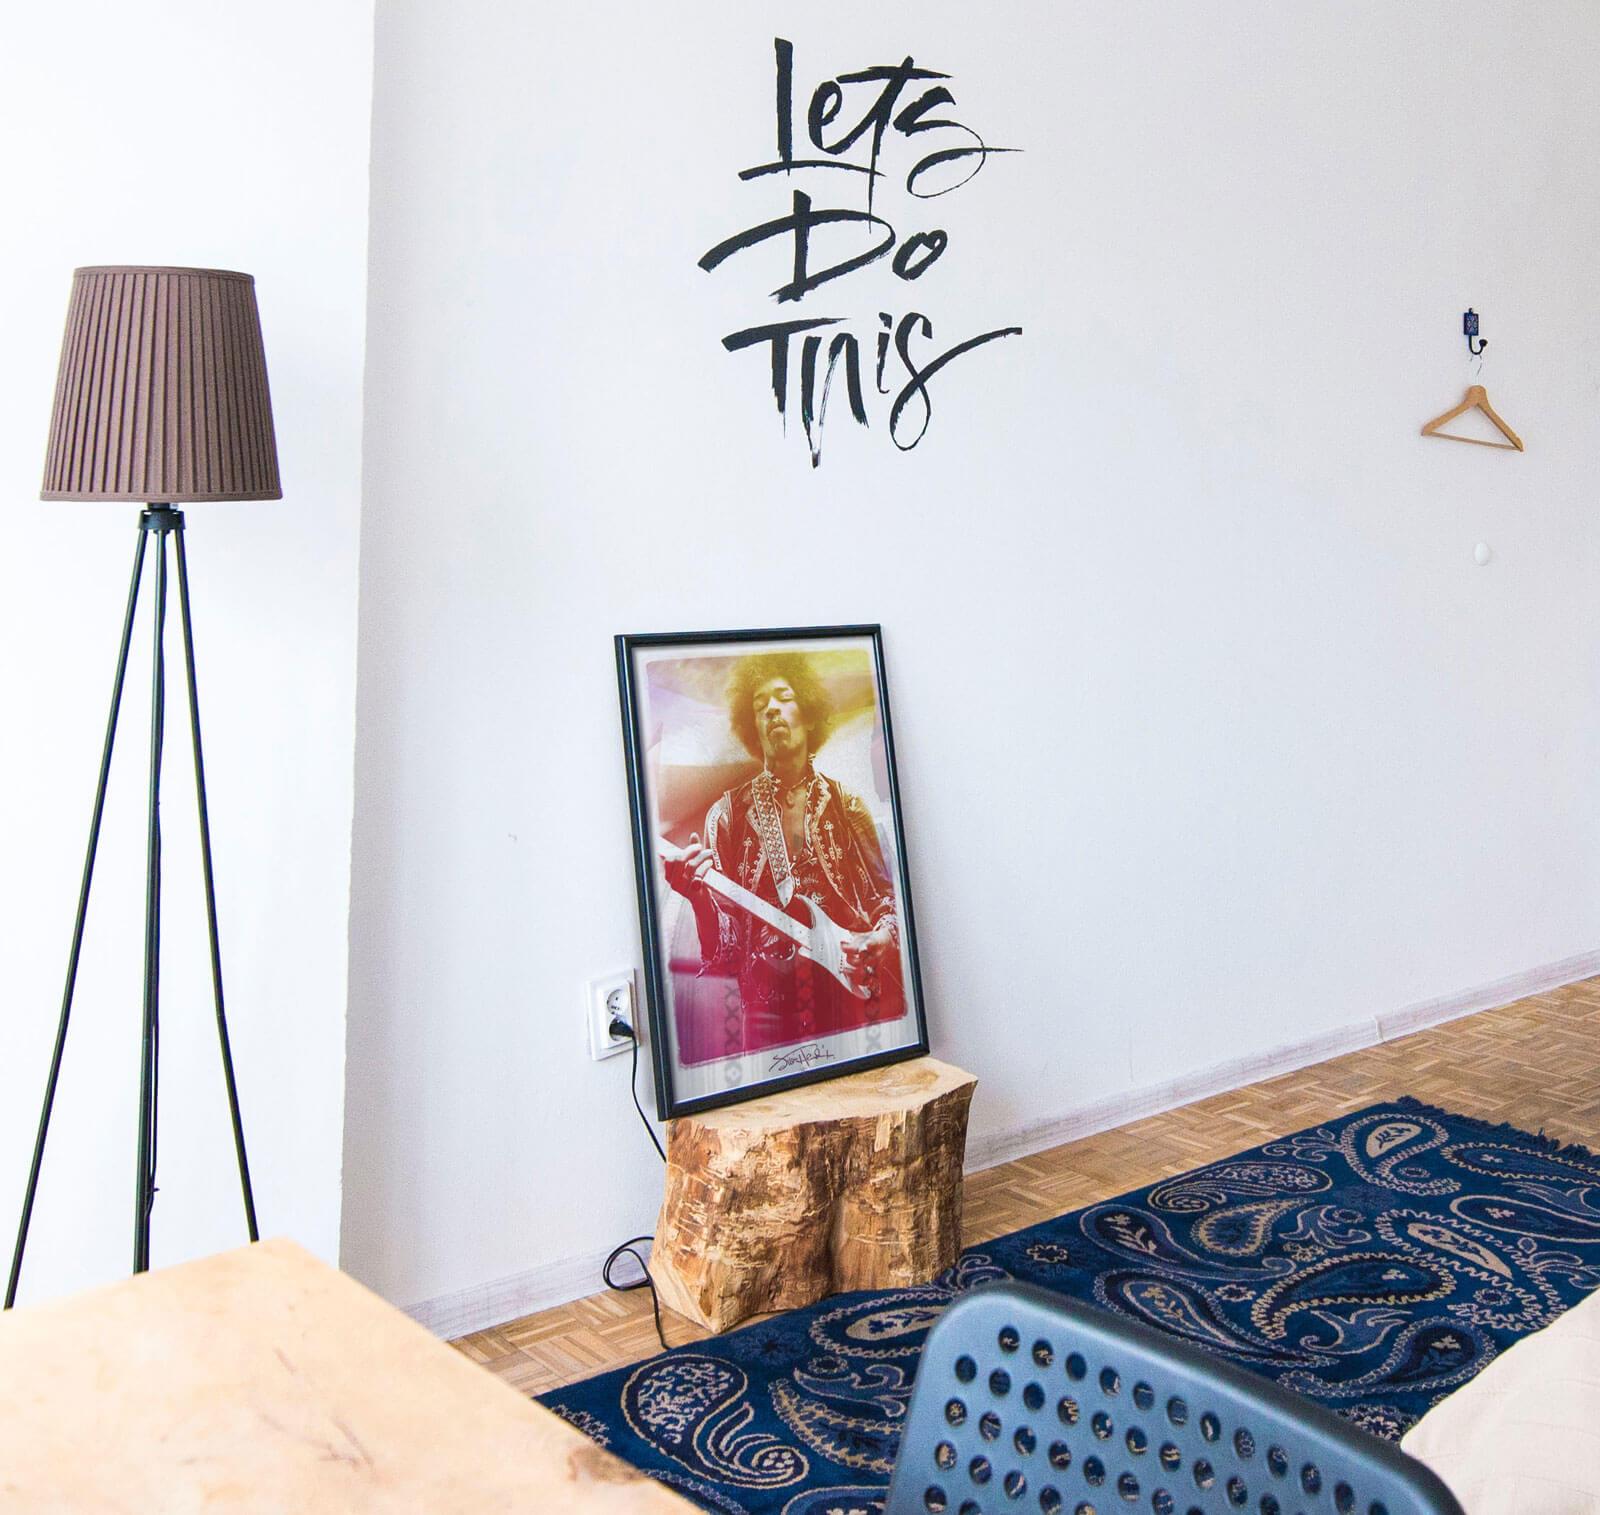 Rockowe Plakaty Do Twojego Domu Nice Wall